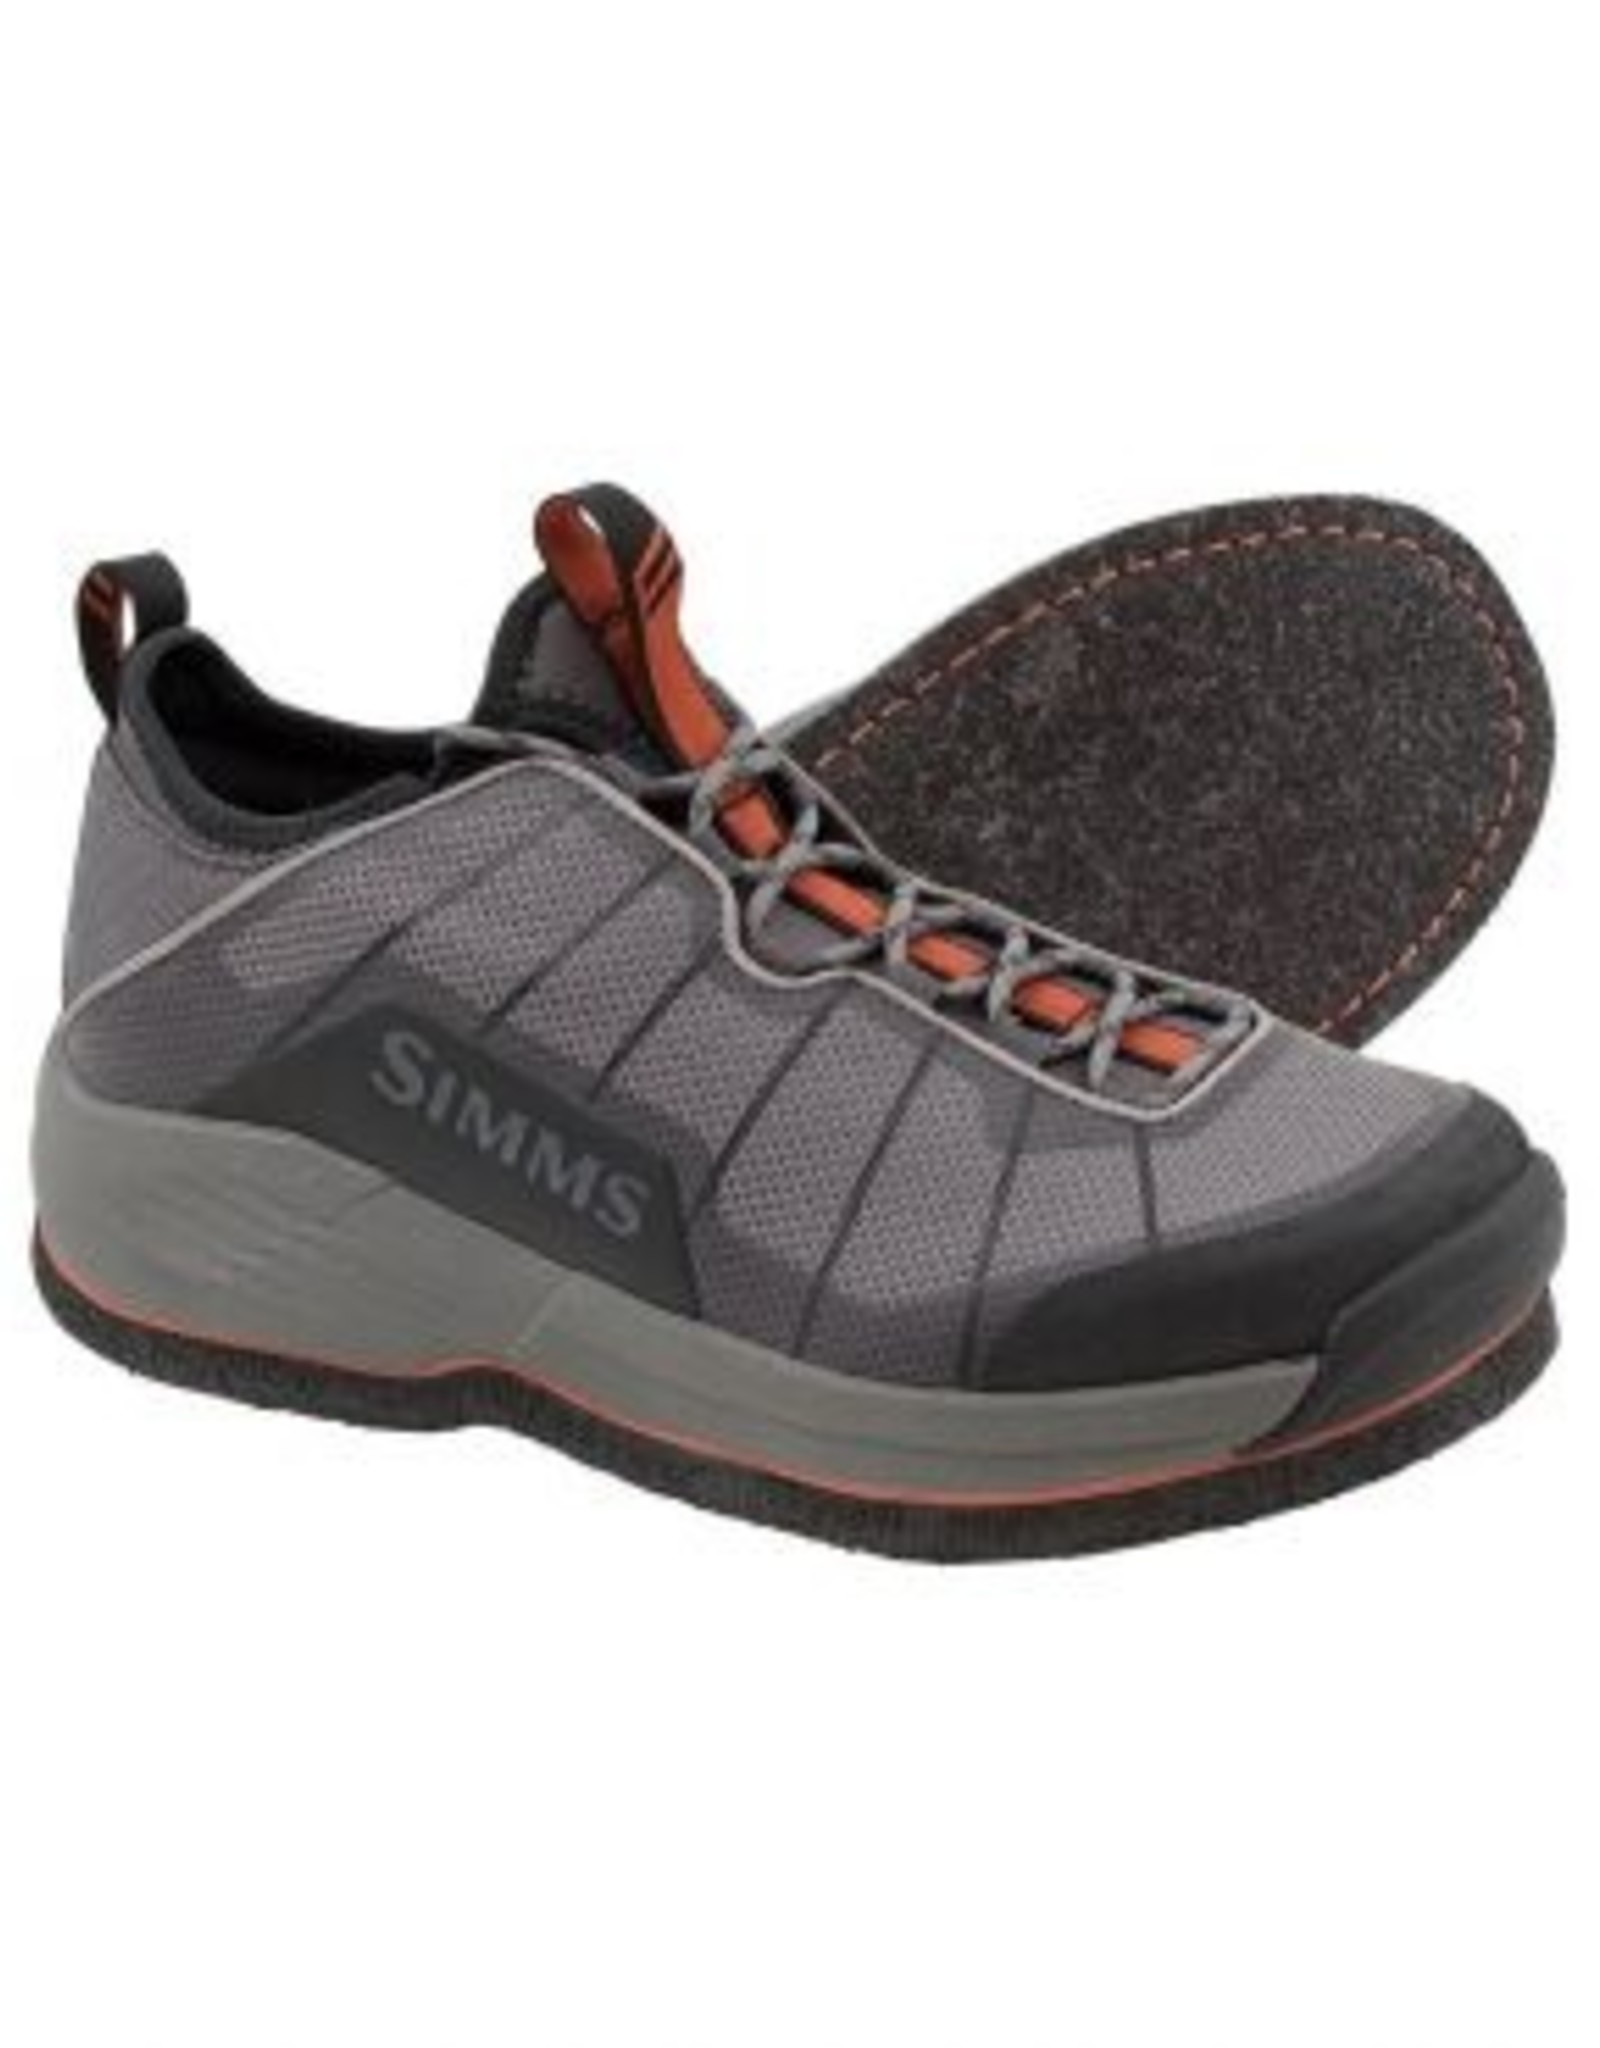 Simms Flyweight Shoe